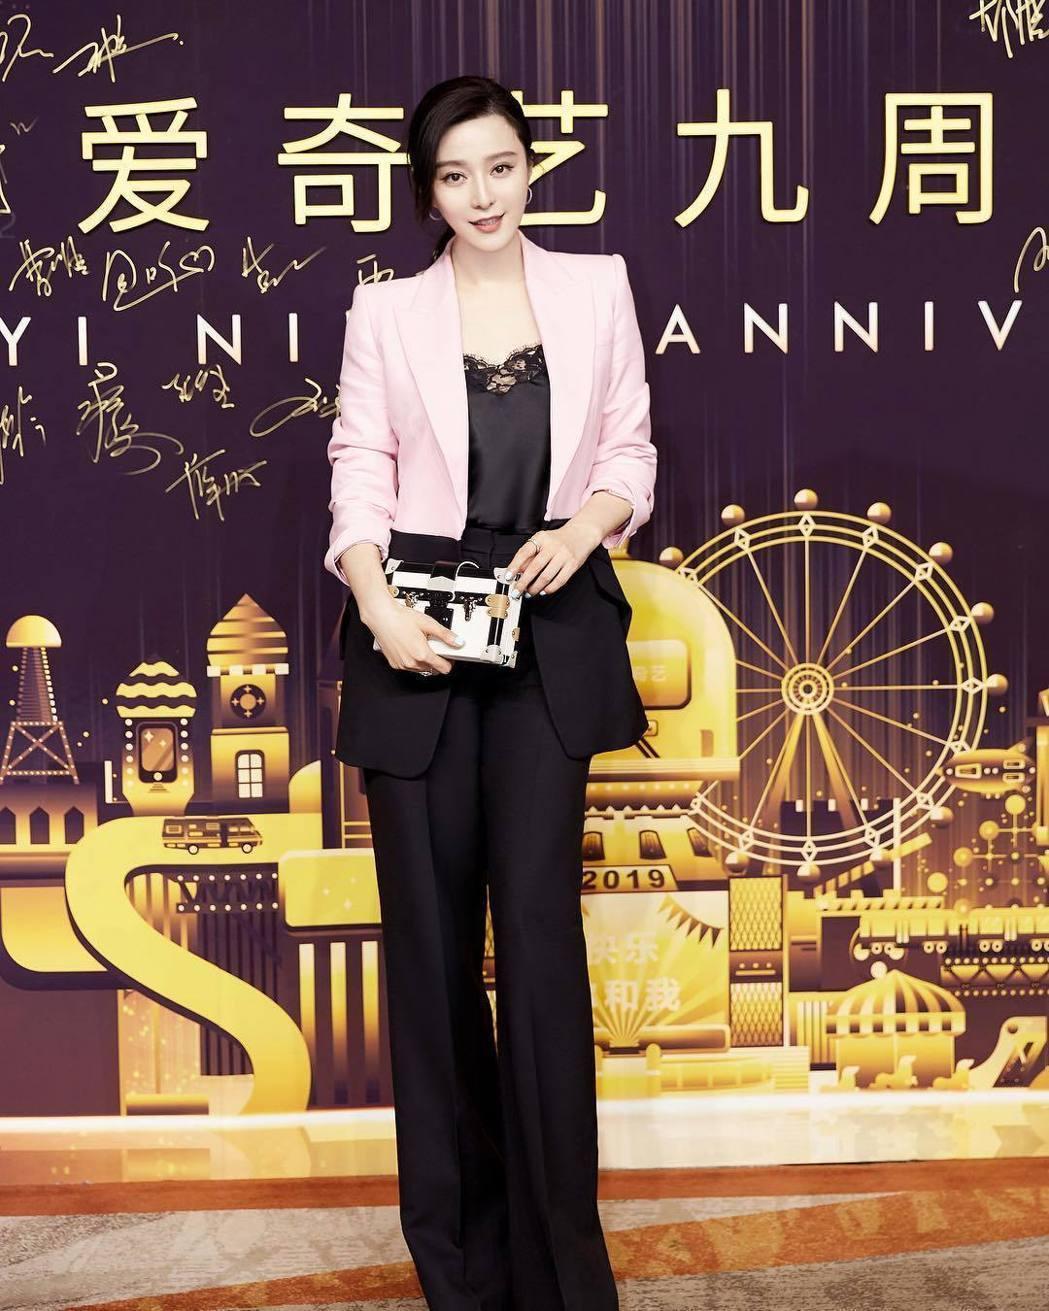 范冰冰高調出席愛奇藝9周年活動,宣告正式回歸幕前。圖/摘自IG